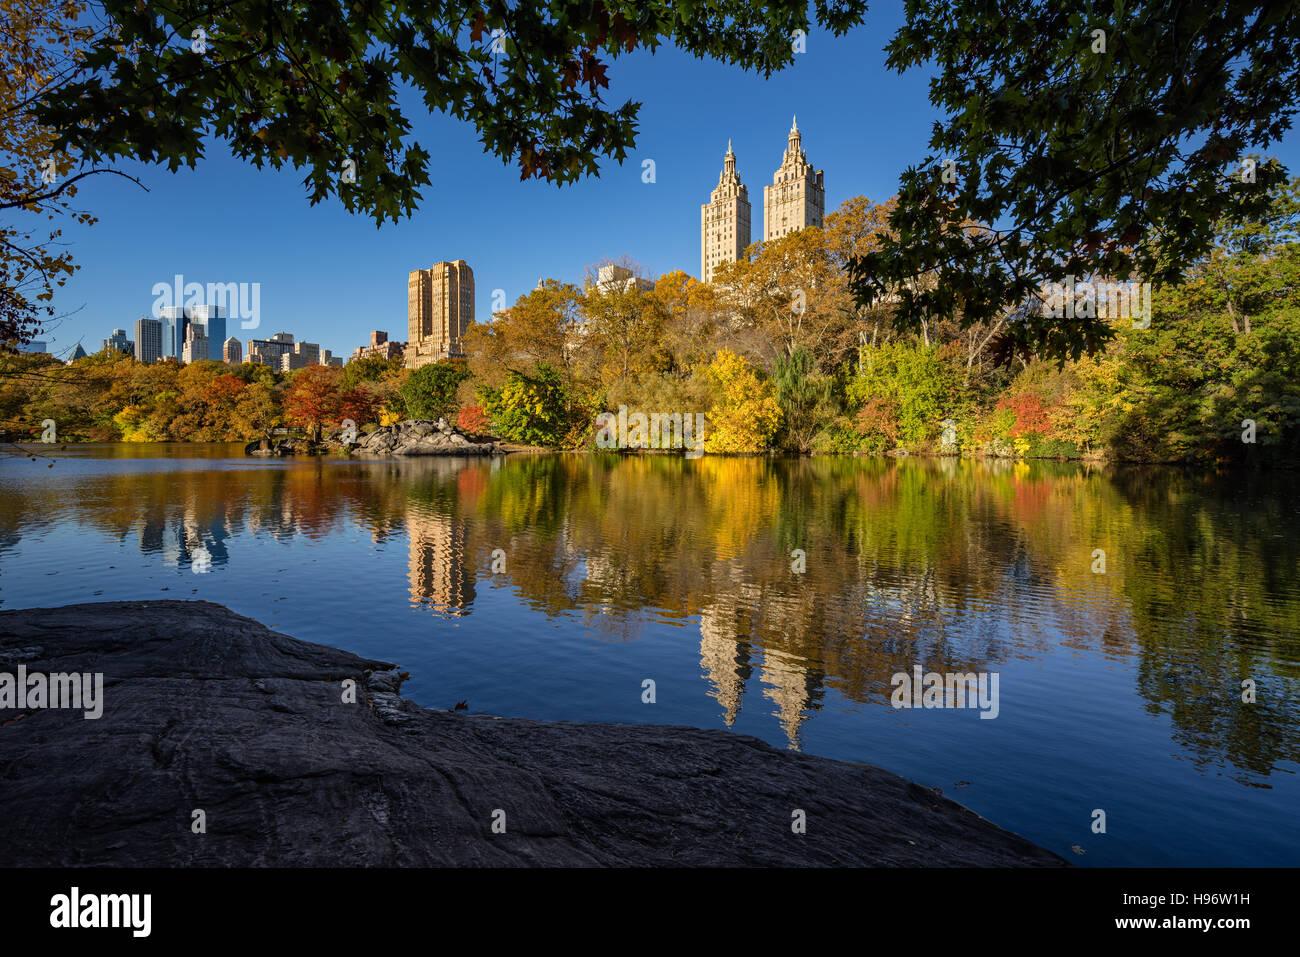 Fallen Sie im Central Park am See. Stadtbild Sonnenaufgang mit bunten Herbstlaub auf der Upper West Side. New York Stockbild